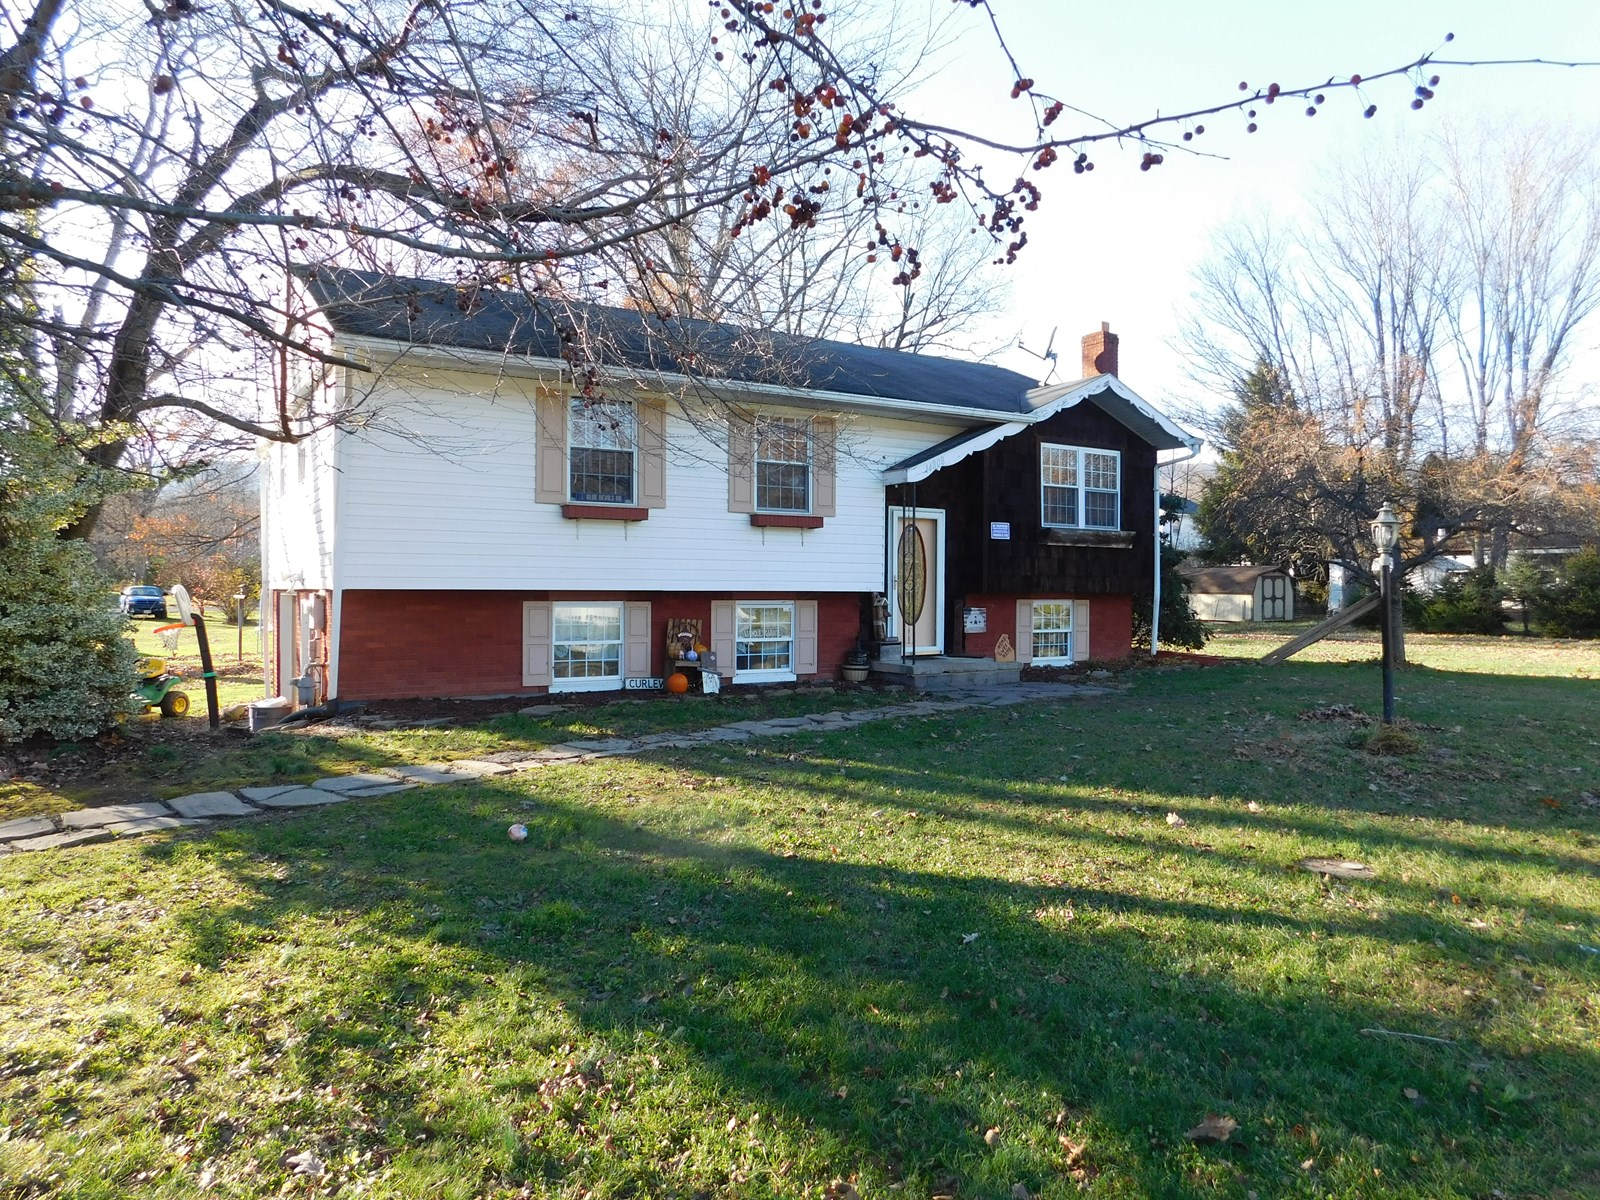 Cresaptown MD Split Foyer Home For Sale